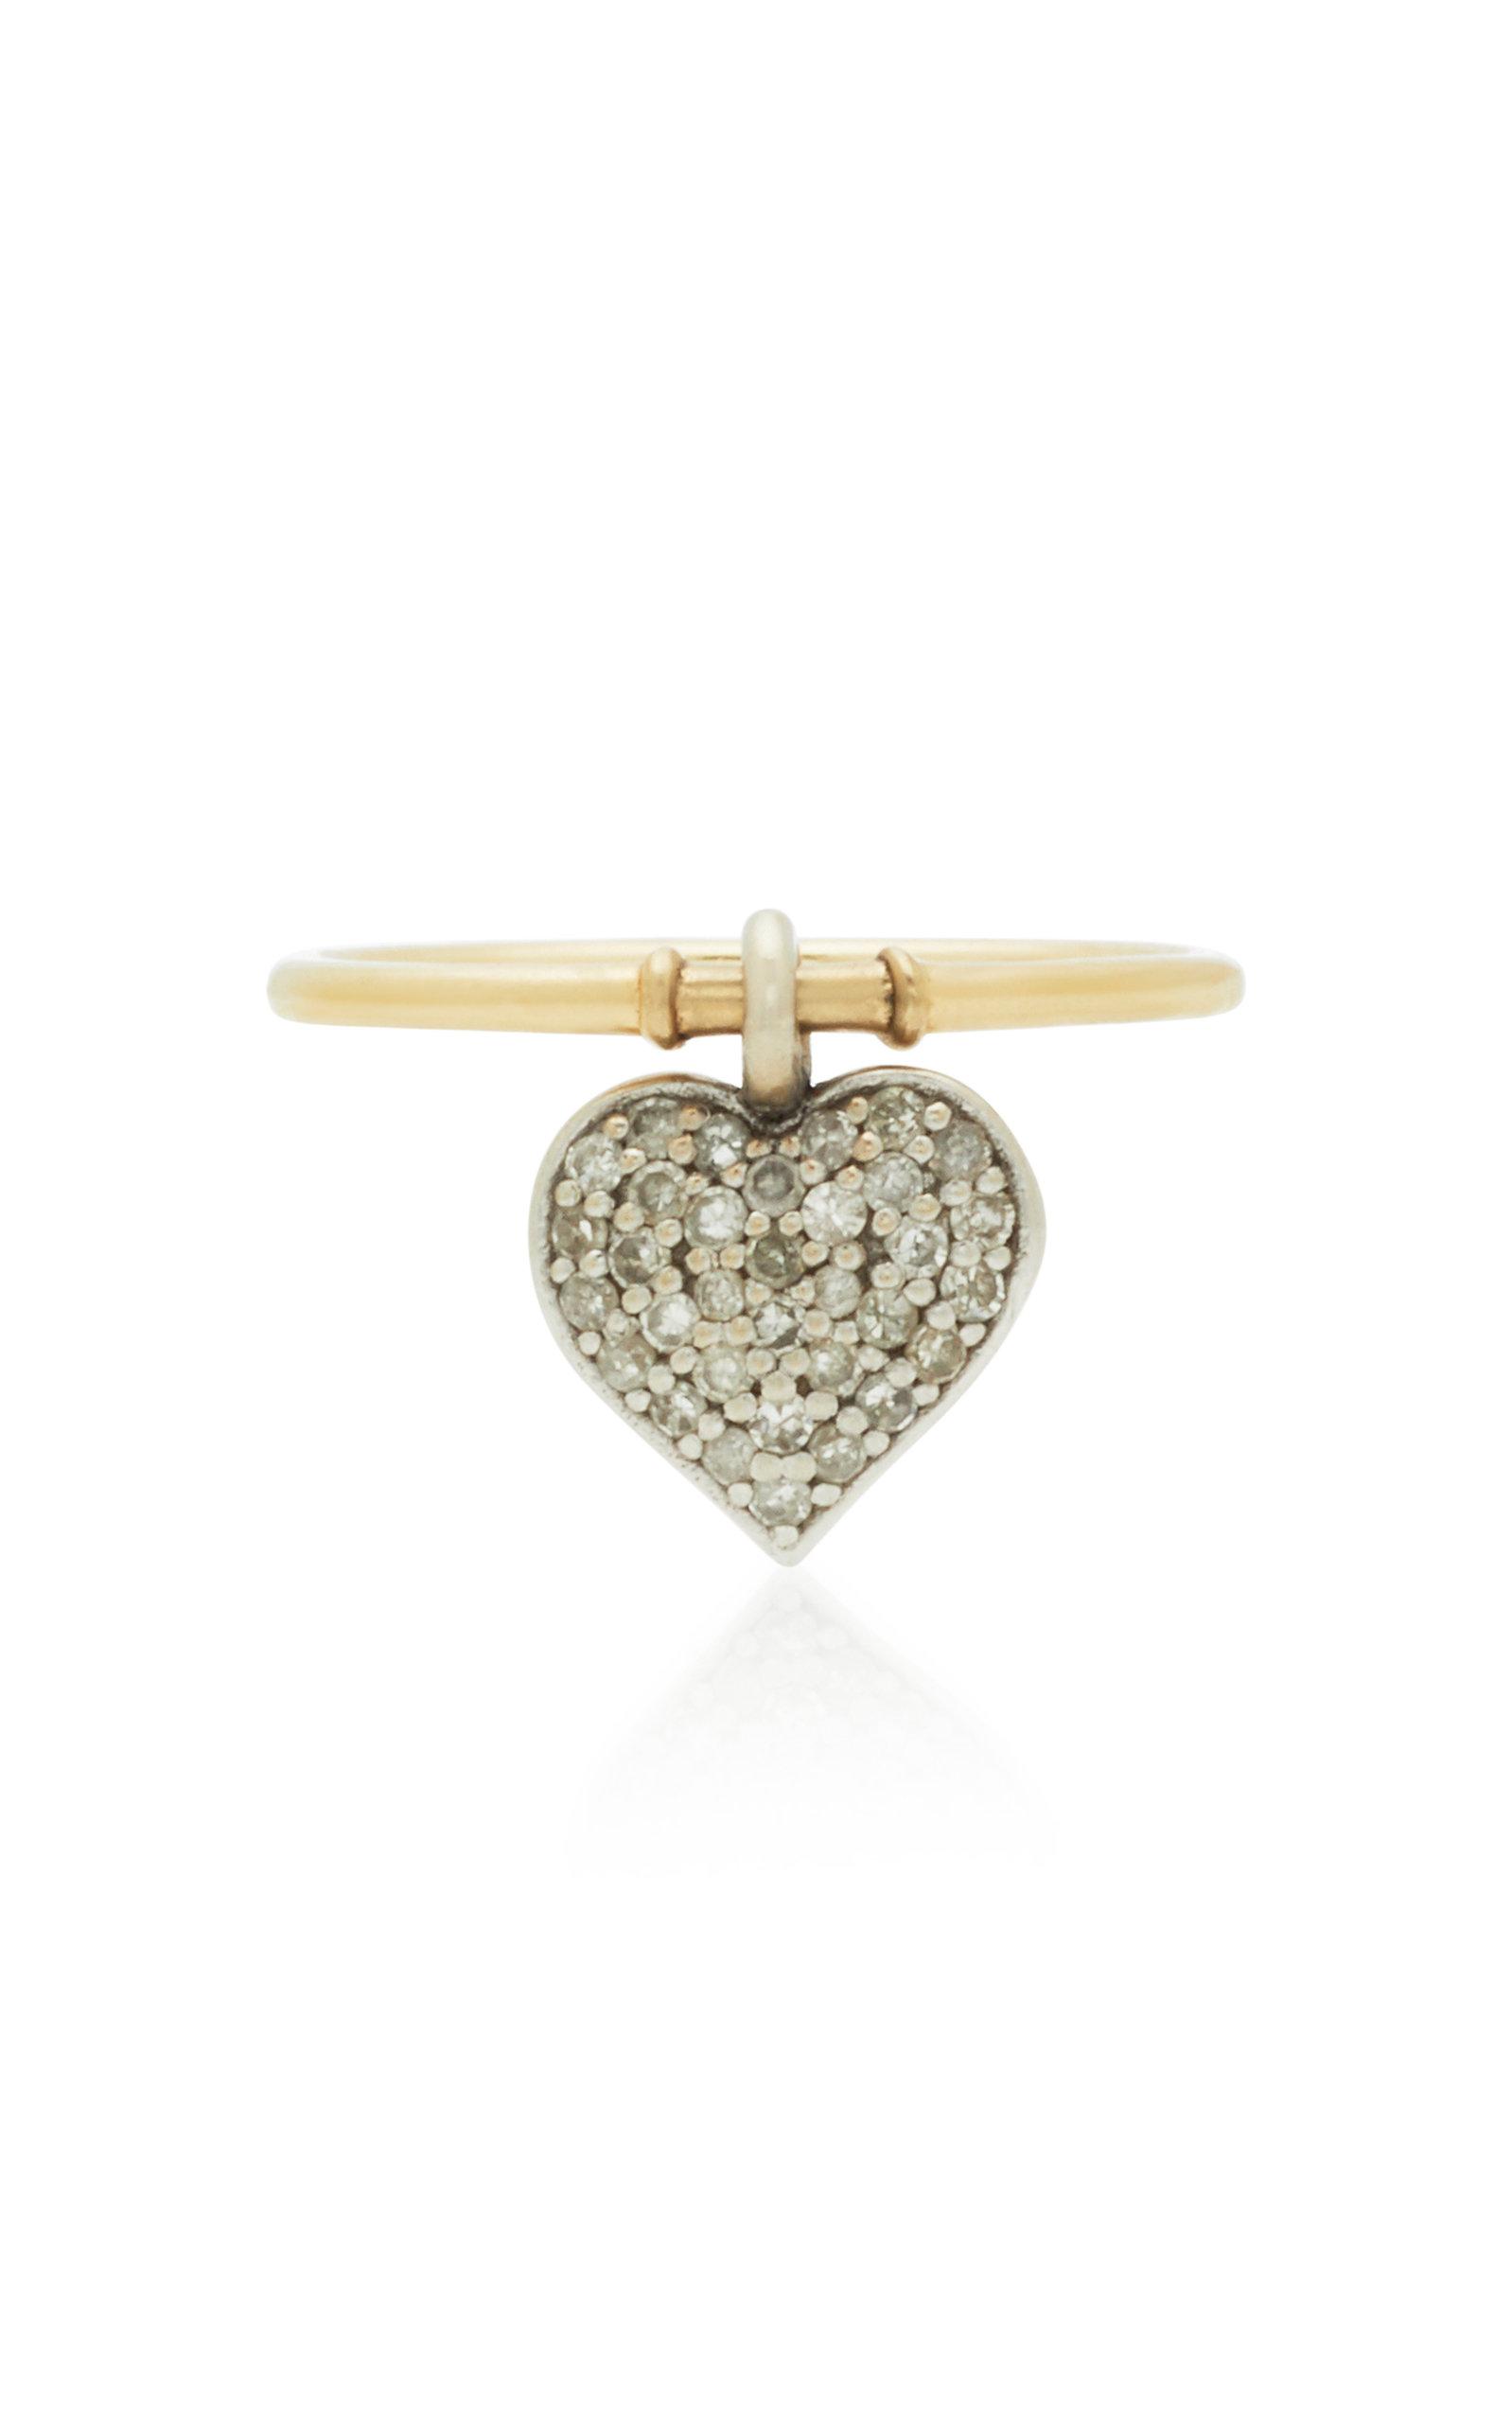 NANCY NEWBERG 14K Yellow And White Gold Diamond Ring